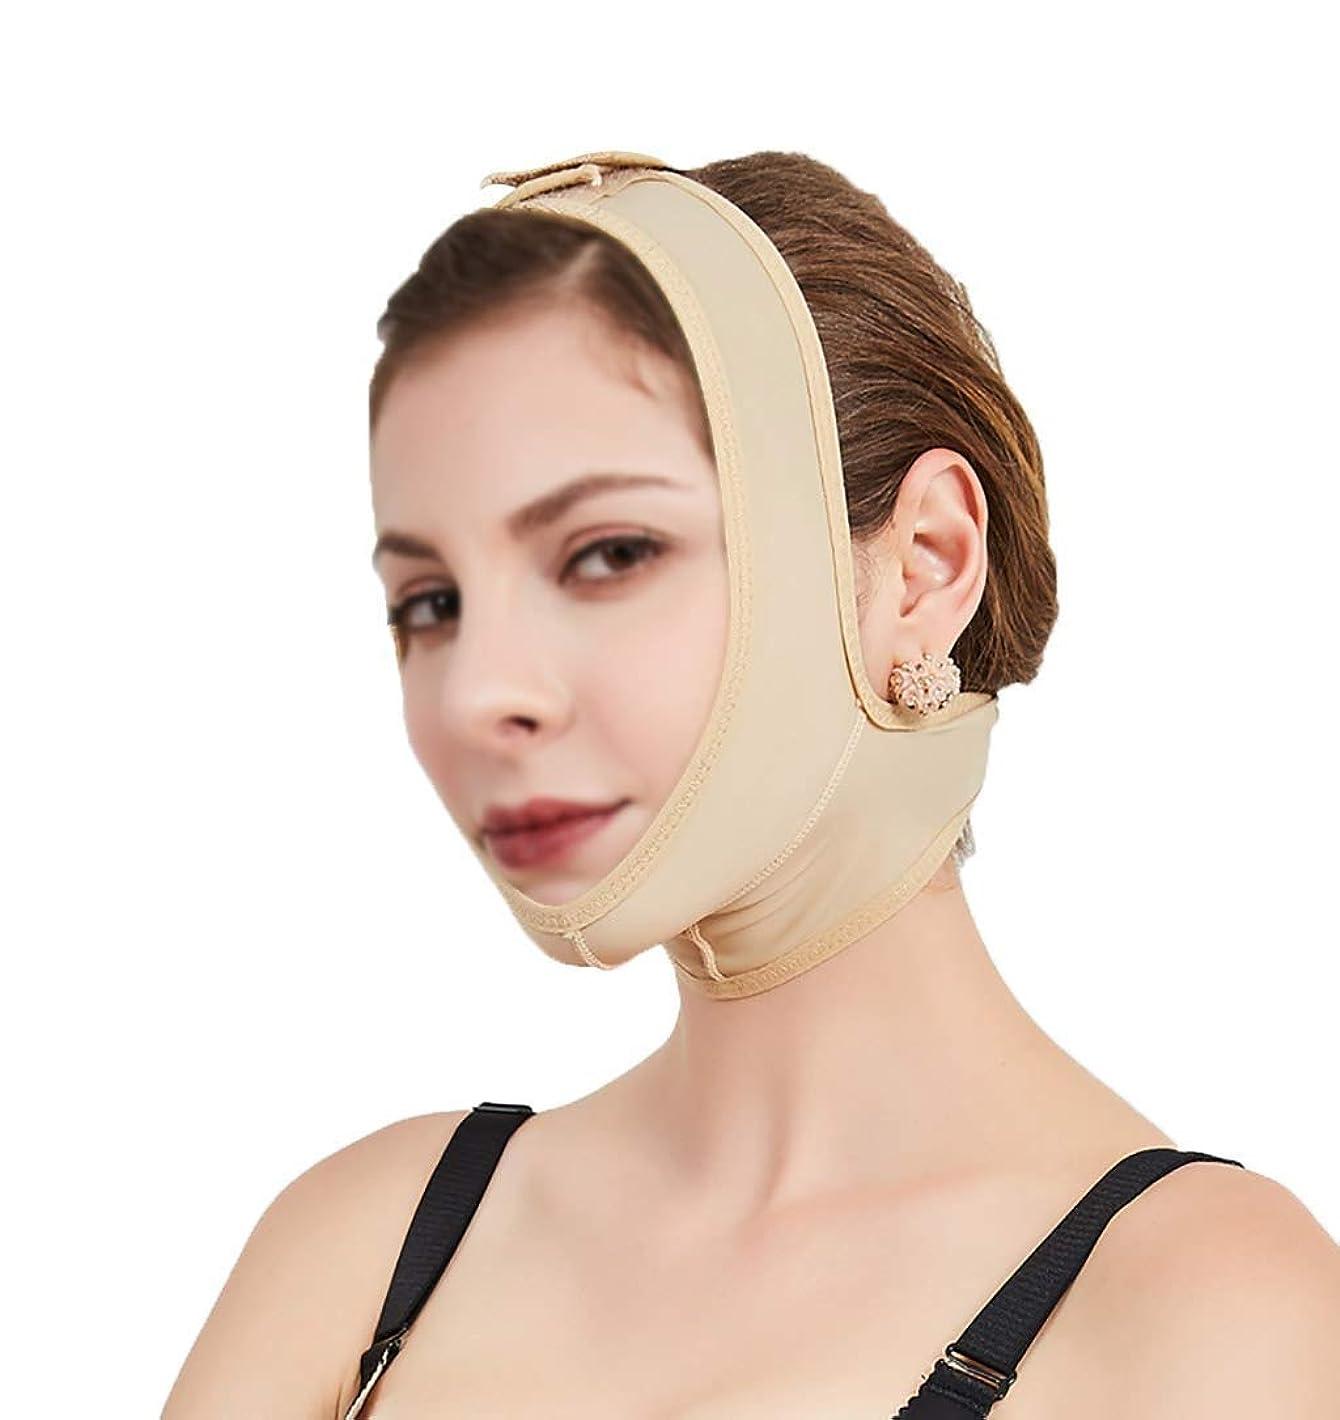 涙悪用ワーカーフェイスアンドネックリフトポストエラスティックスリーブ下顎骨セットフェイスアーティファクトVフェイスフェイシャルフェイスバンドルダブルチンマスク(サイズ:XS)